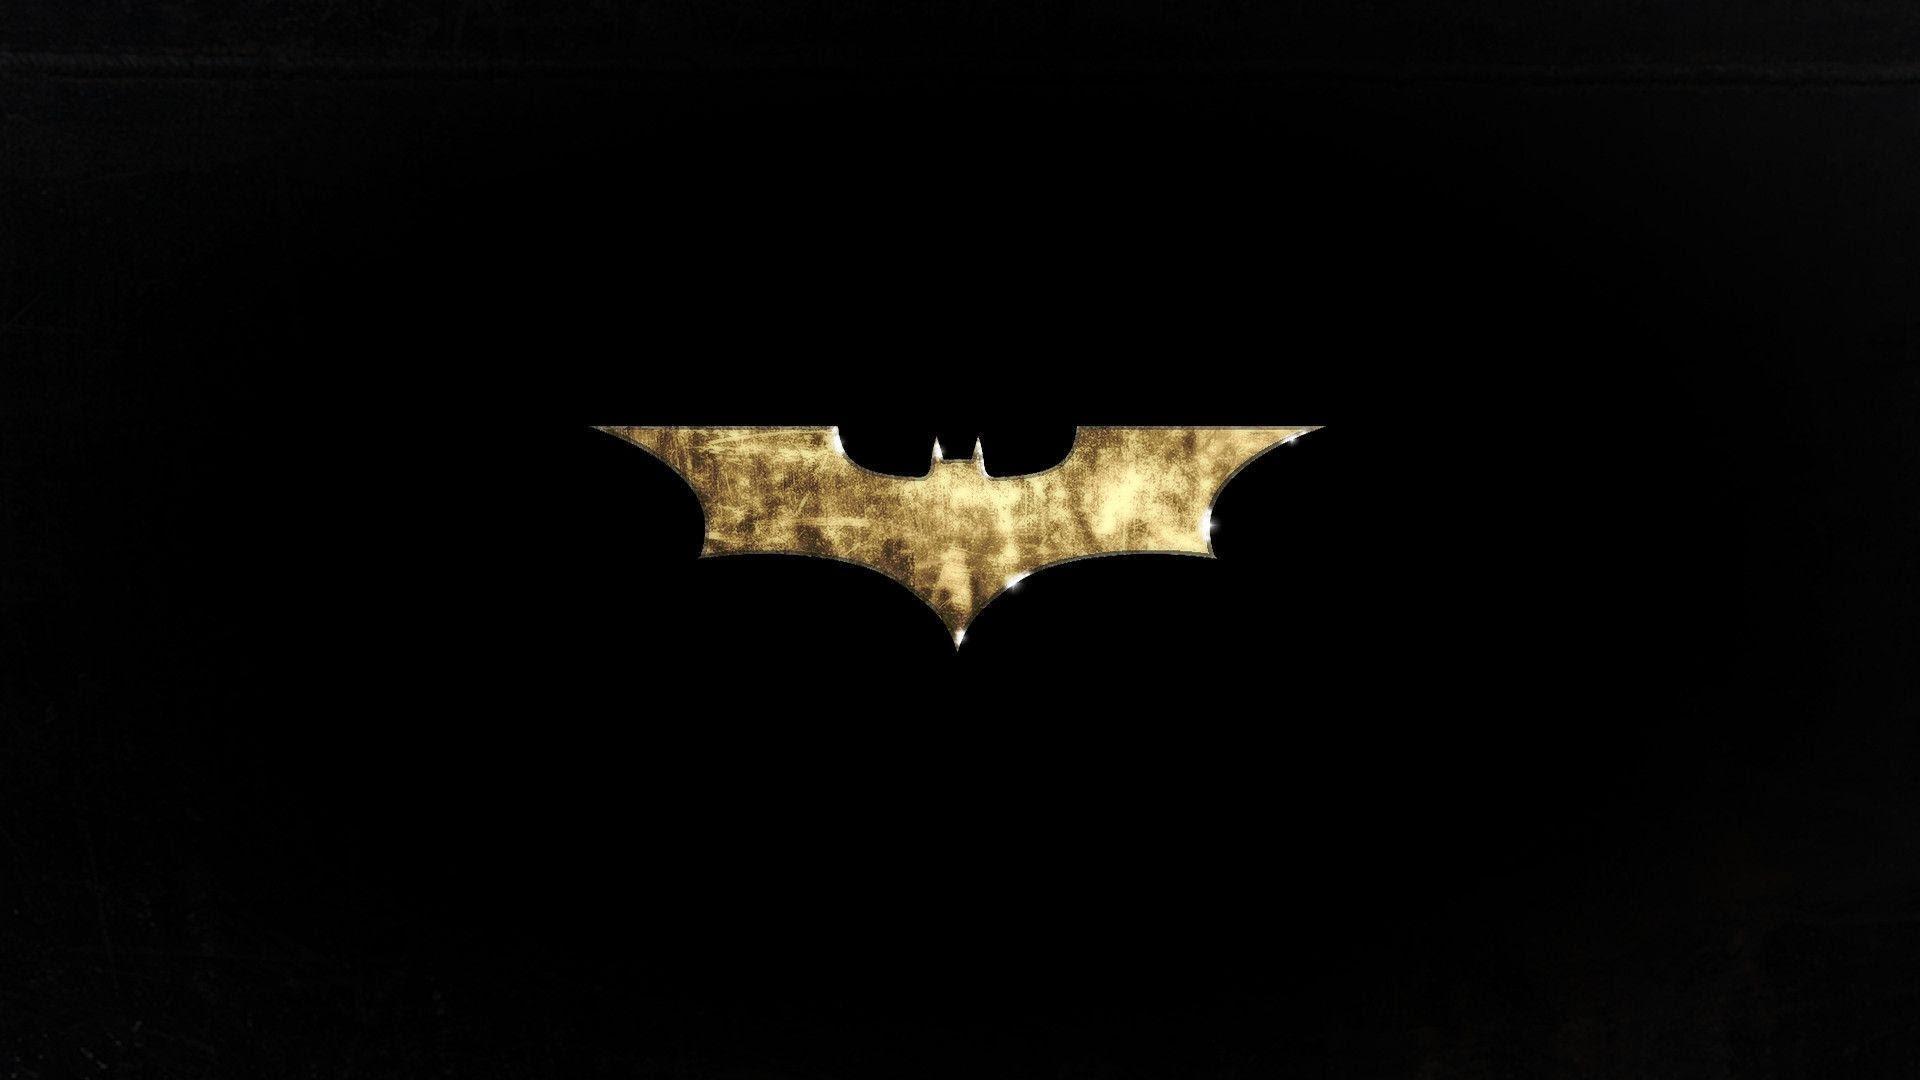 Batman Symbol Wallpapers - Wallpaper Cave